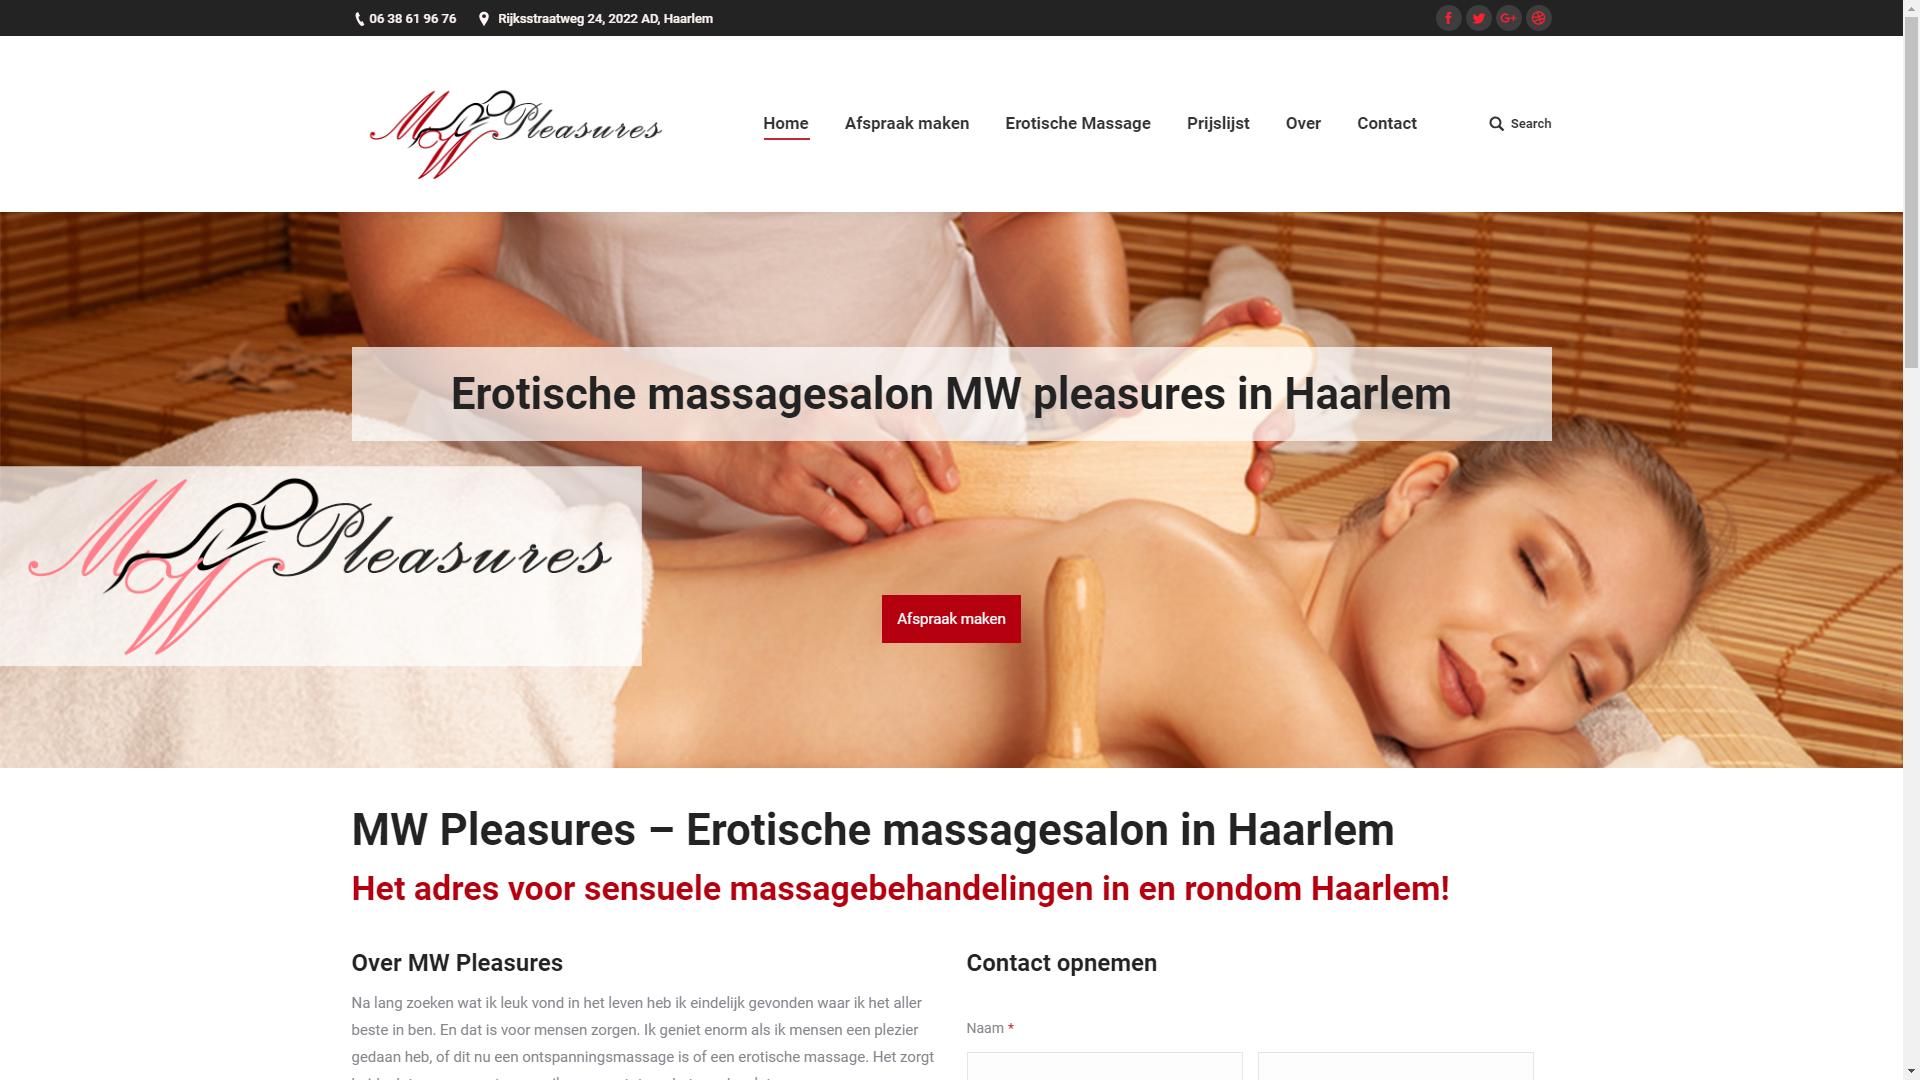 erotische massage salons erotische massage haarlem